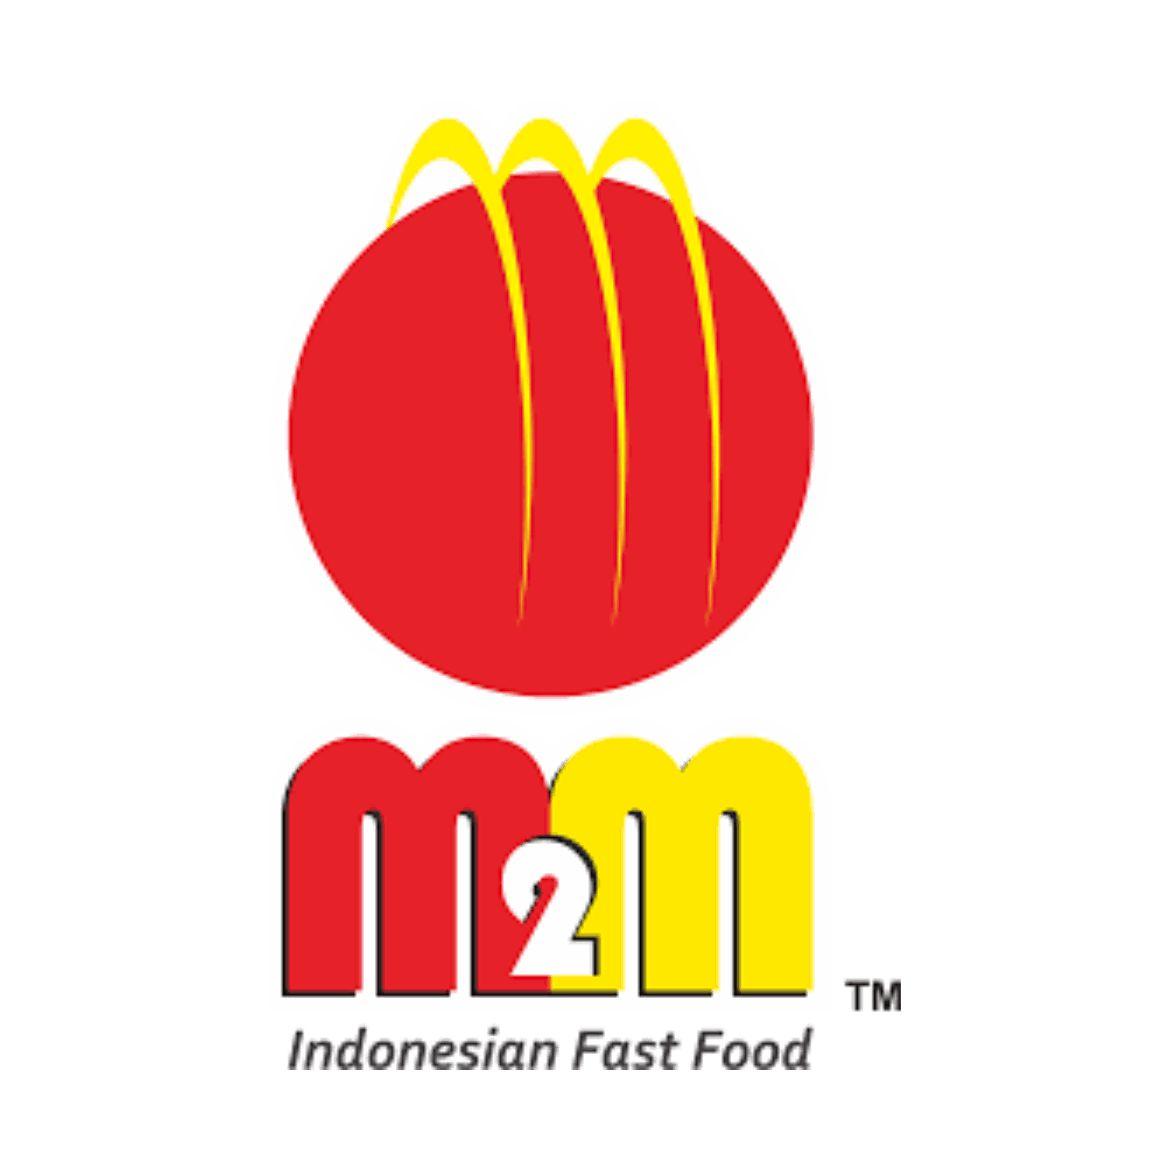 M2M kecil